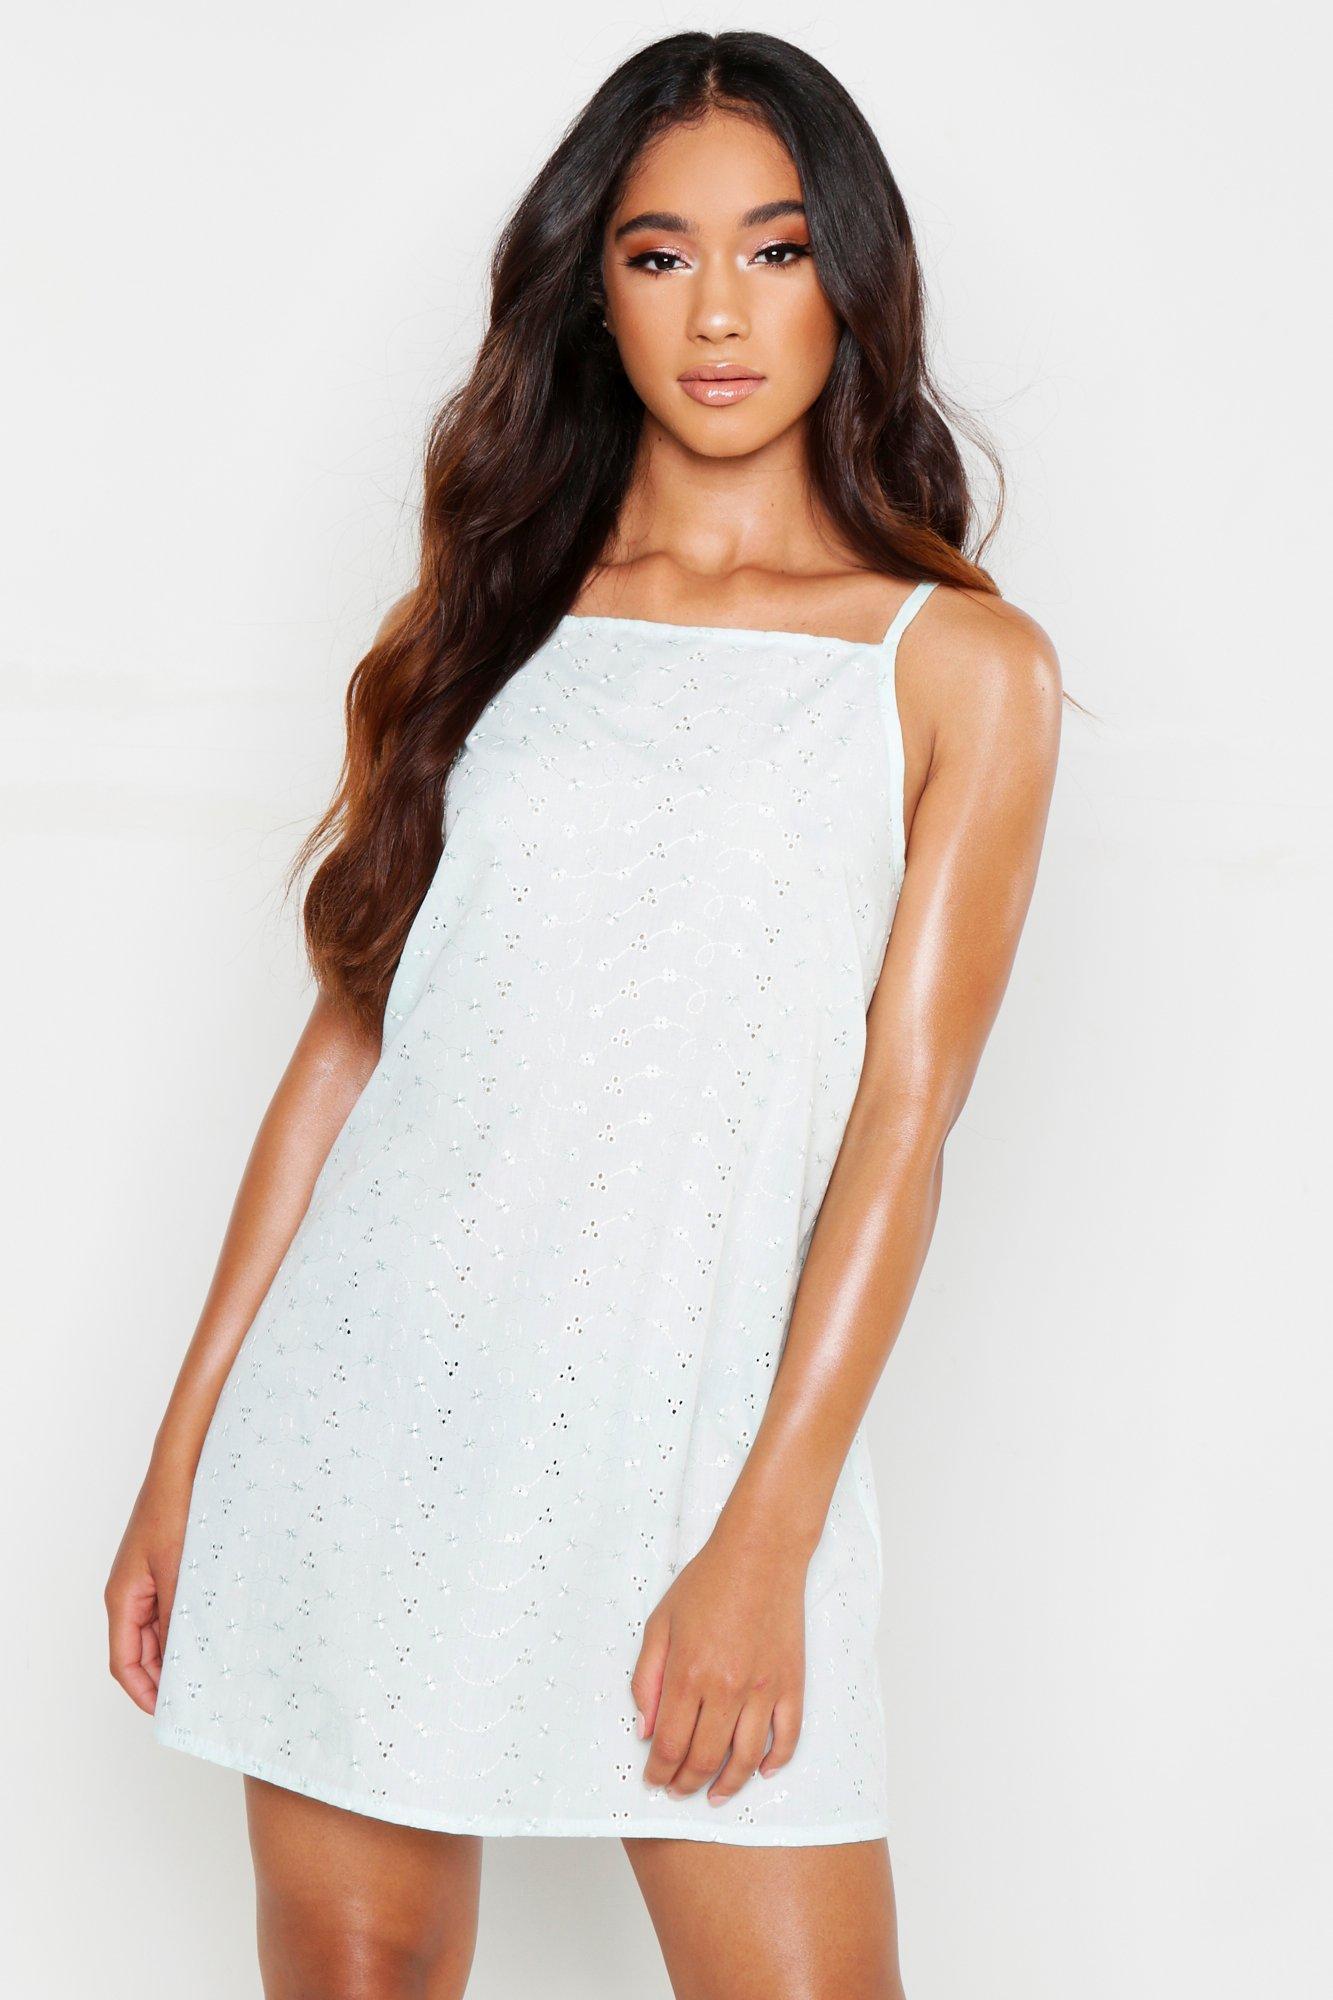 Womens Premium Nachthemd mit Lochstickerei - Minzgrün - 38, Minzgrün - Boohoo.com